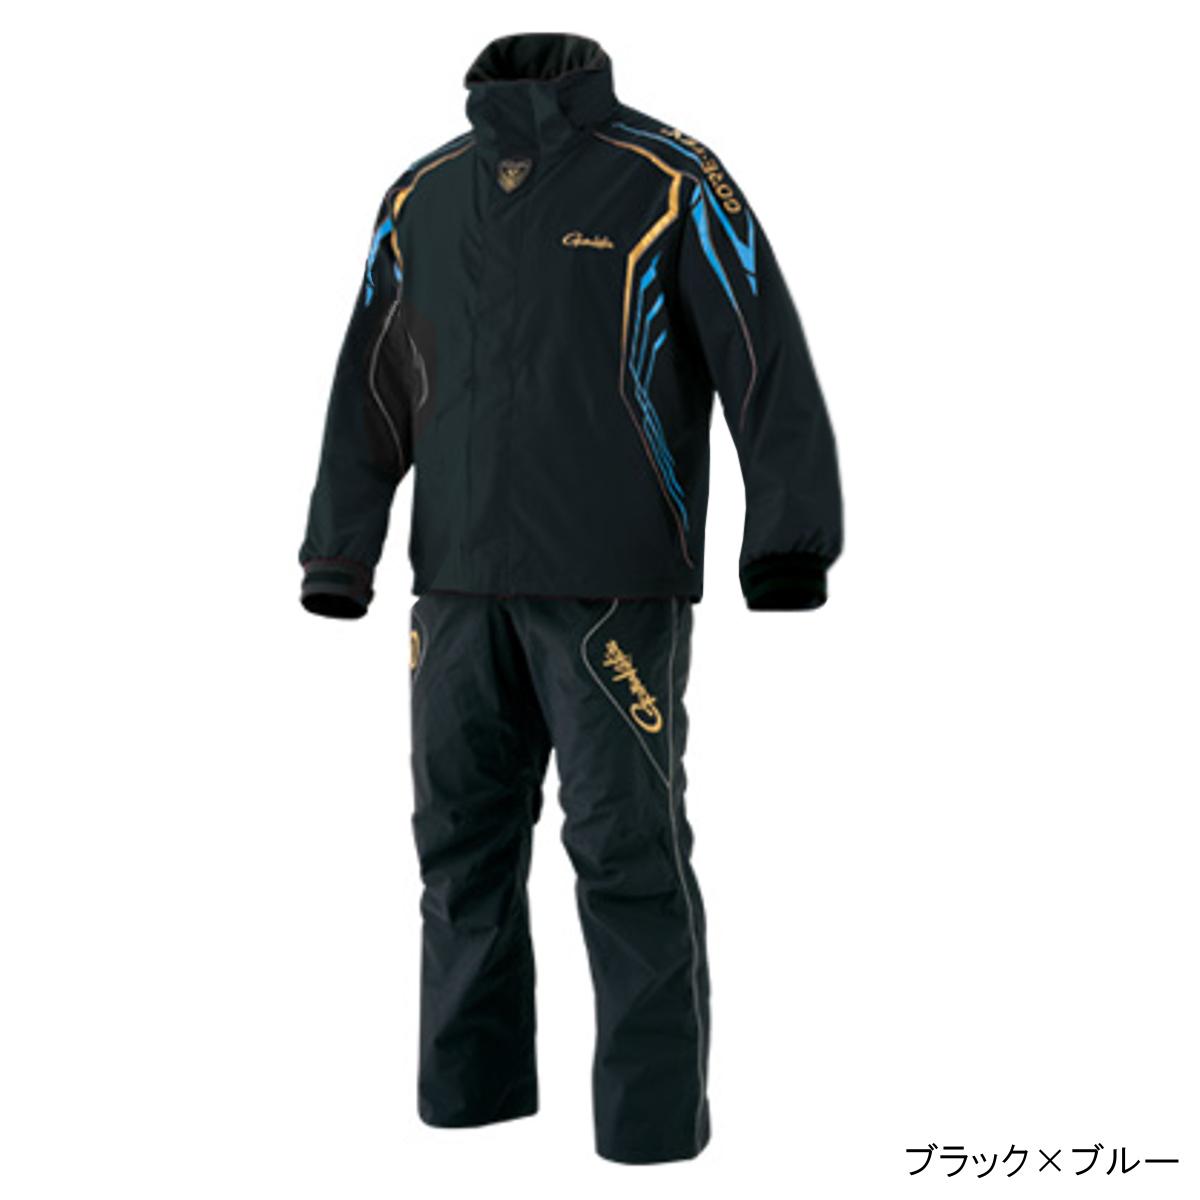 ゴアテックス レインスーツ GM-3500 L ブラック×ブルー